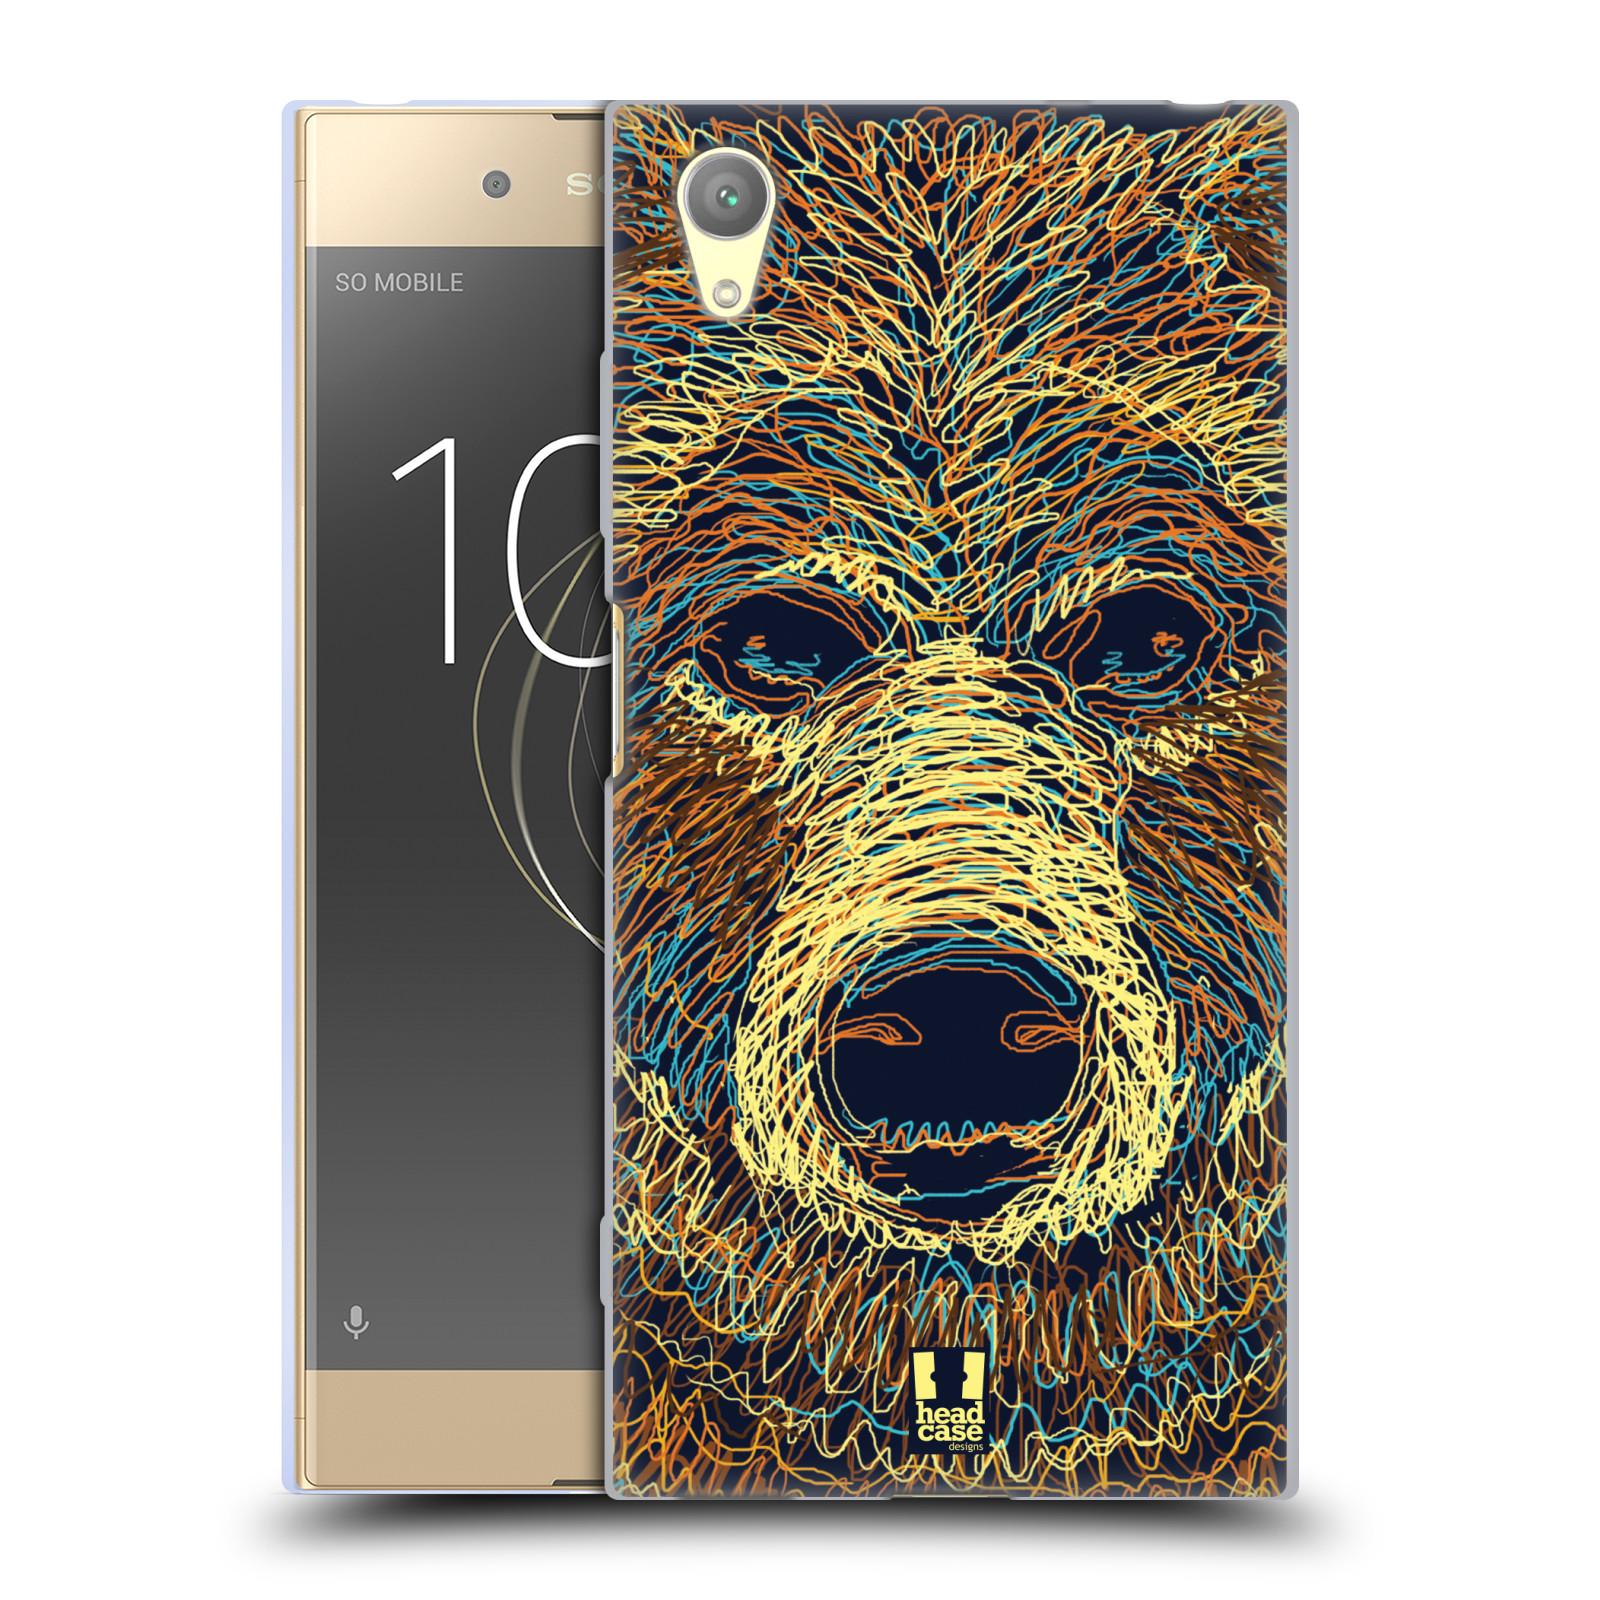 HEAD CASE silikonový obal na mobil Sony Xperia XA1 PLUS vzor zvíře čmáranice medvěd